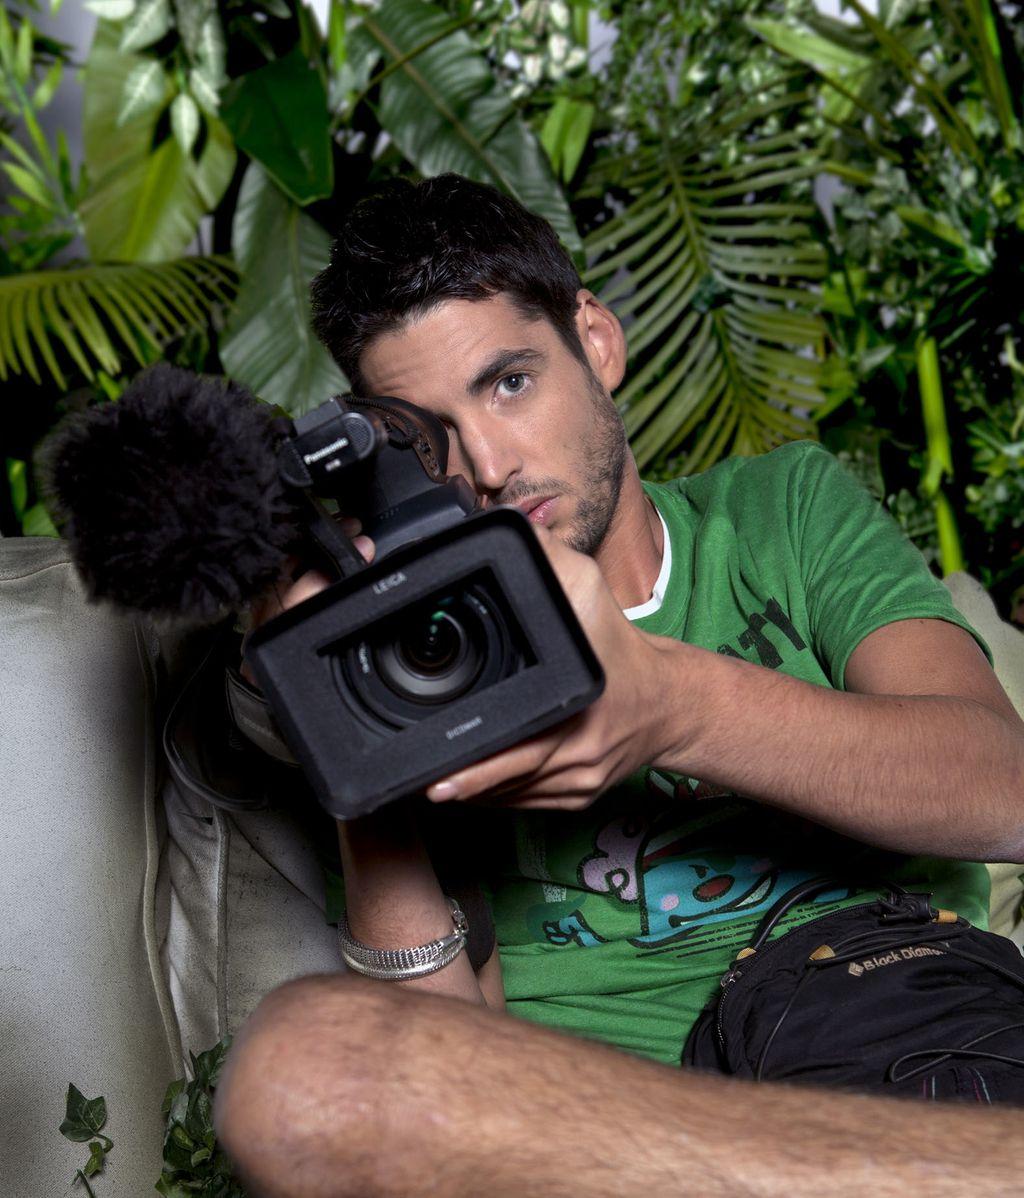 La selva en casa, de la mano de Frank Cuesta